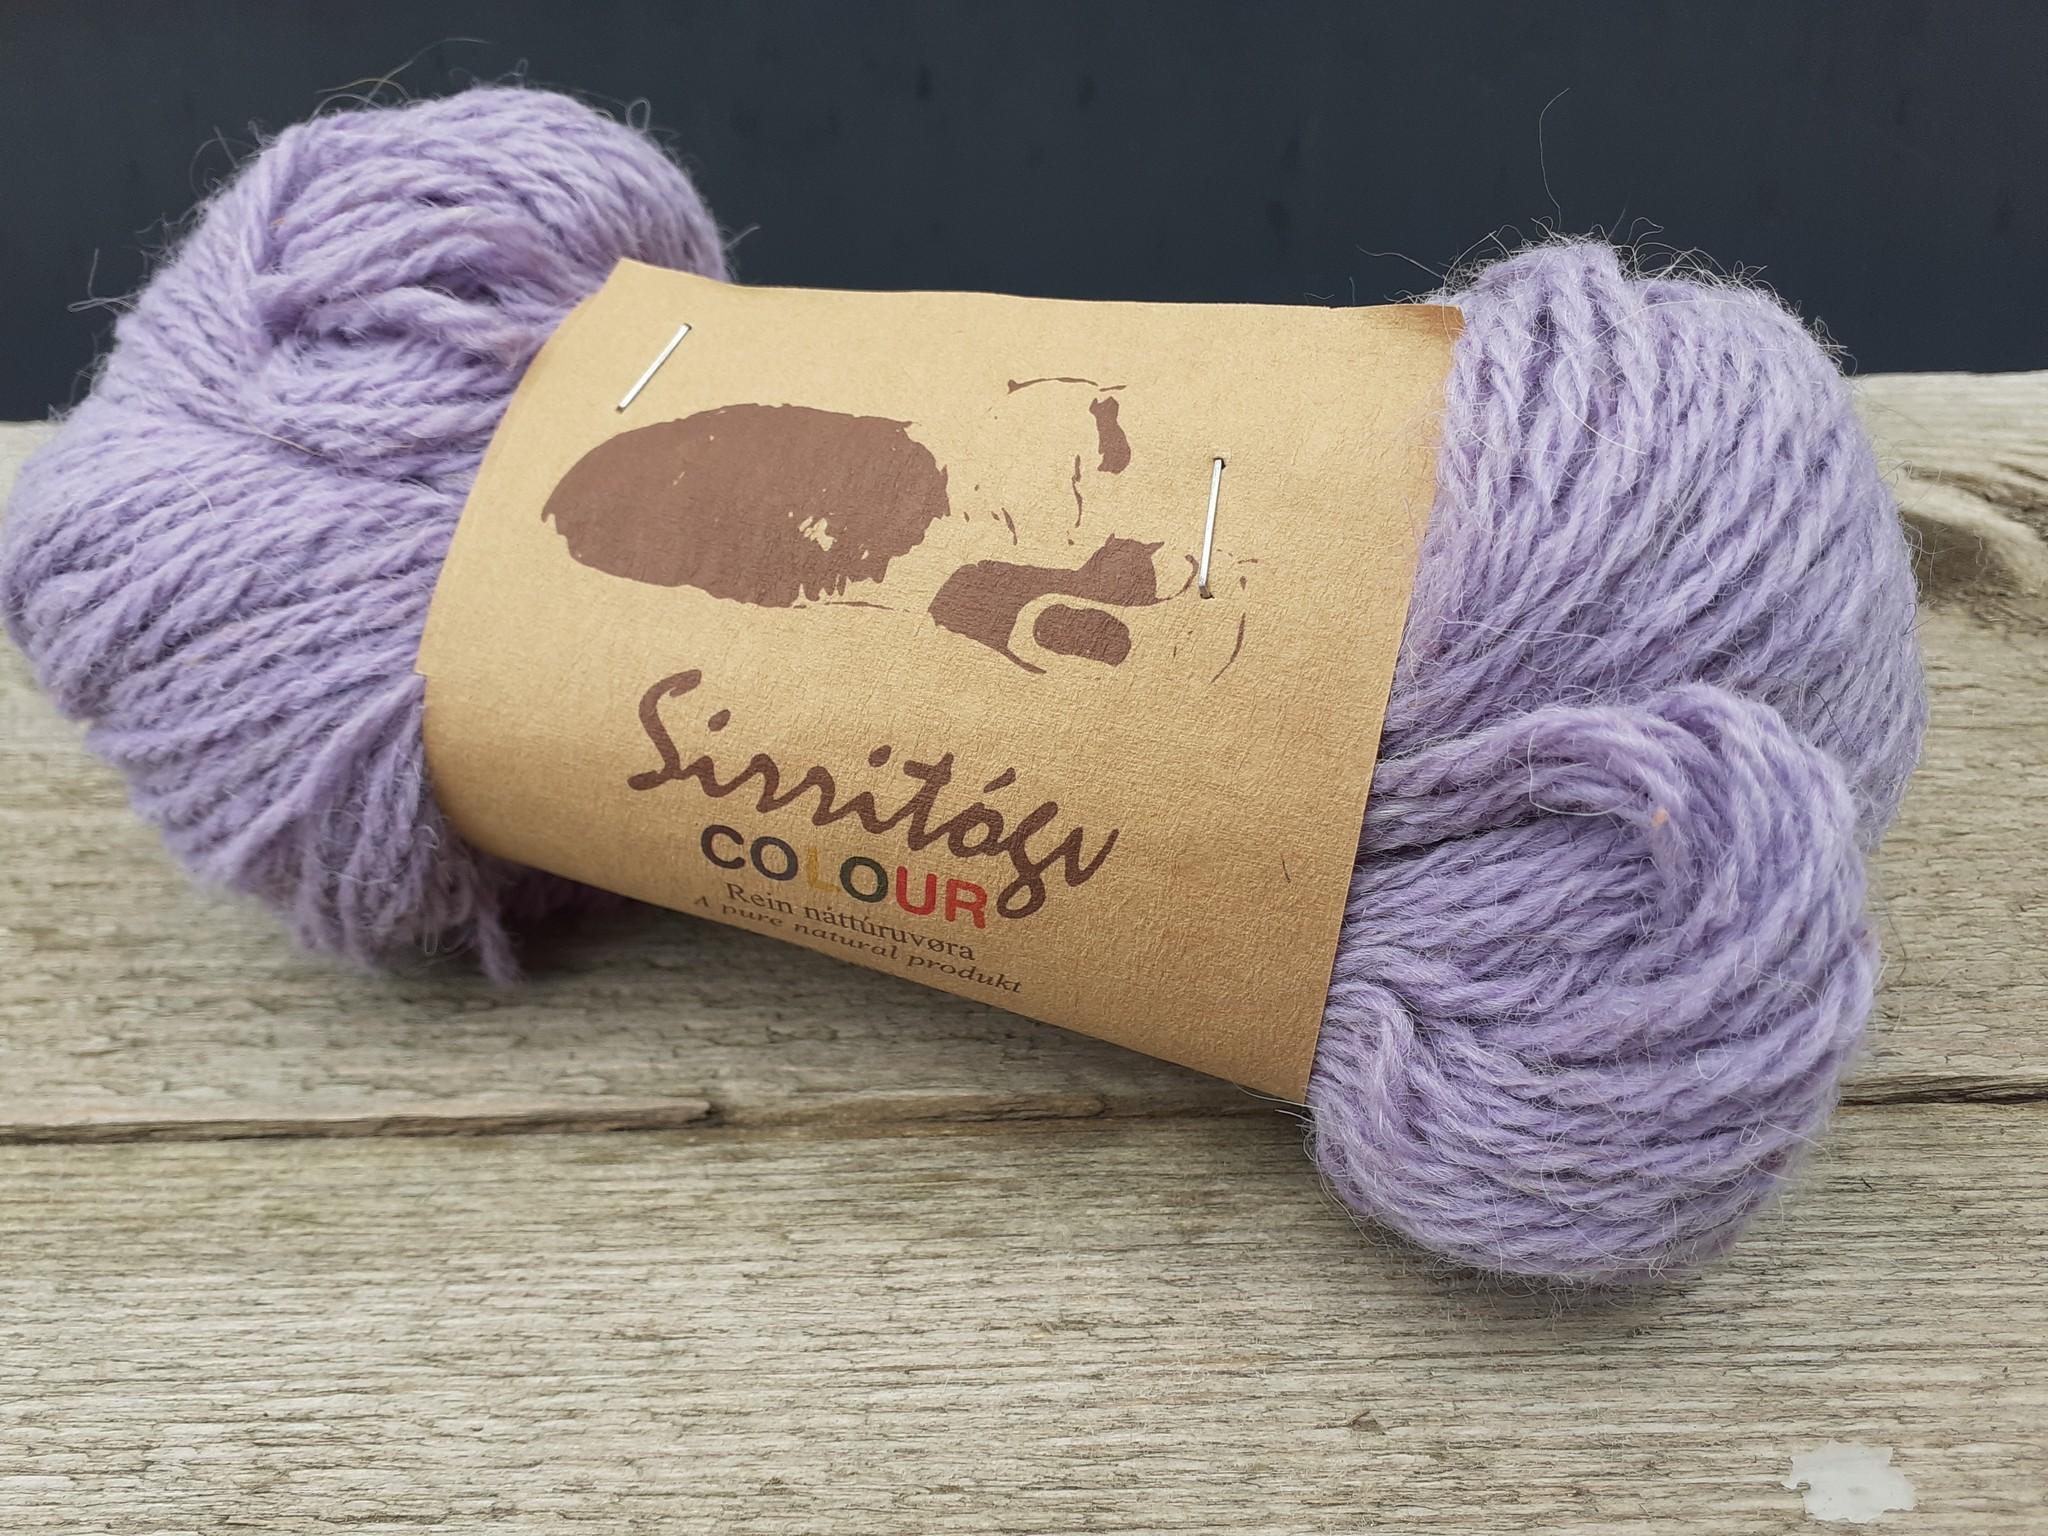 Sirritógv Sirritógv - 9 - Purple